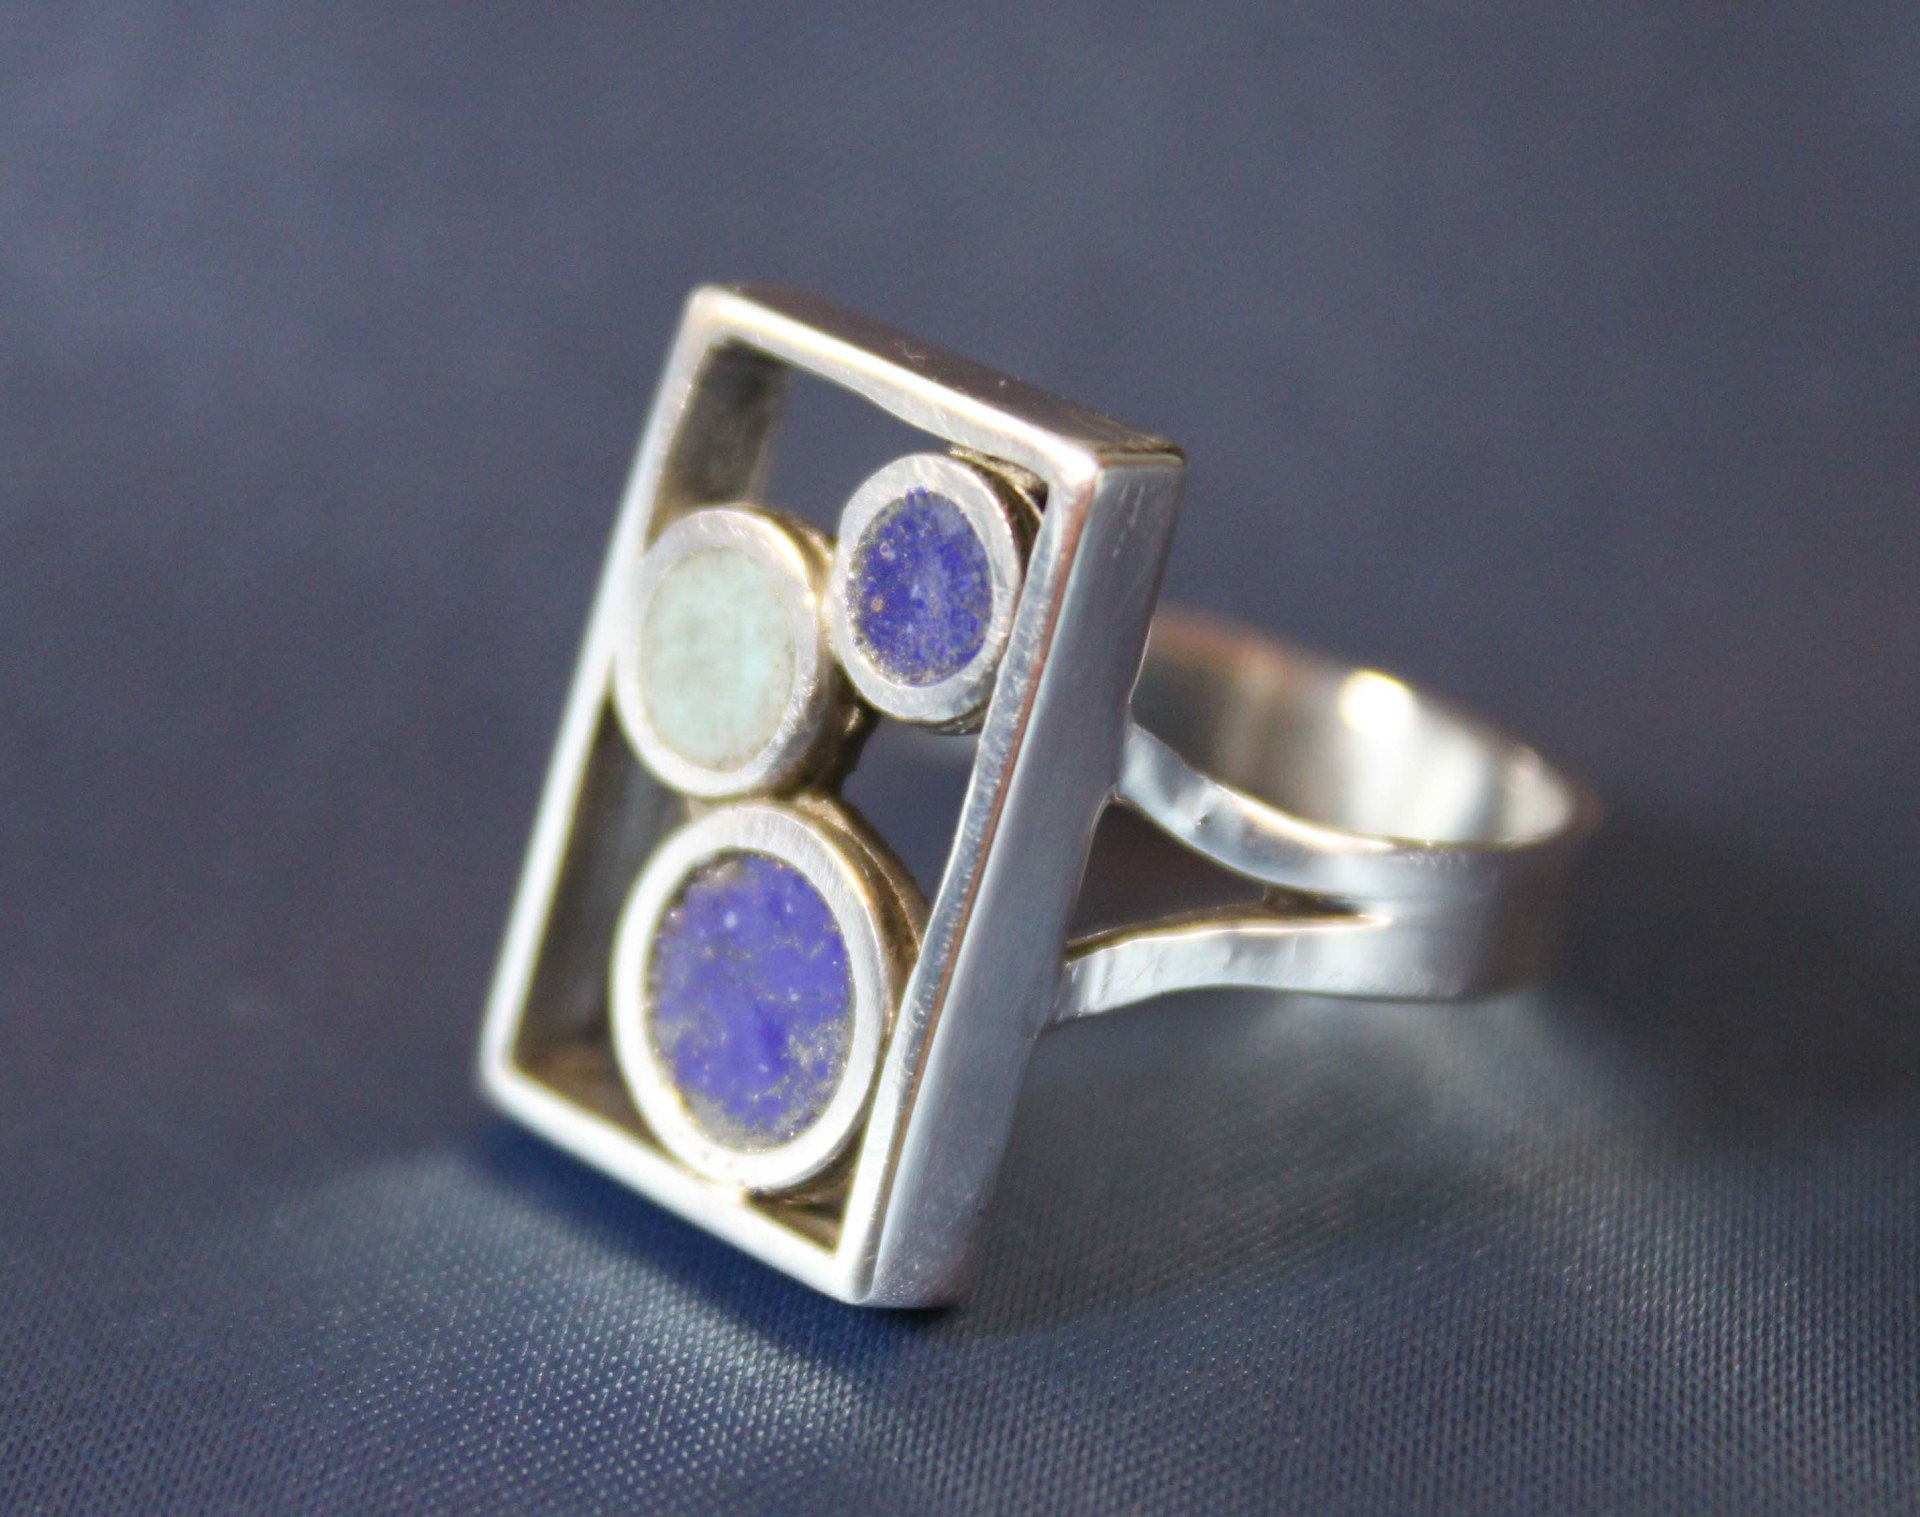 Rectangular enemelled ring